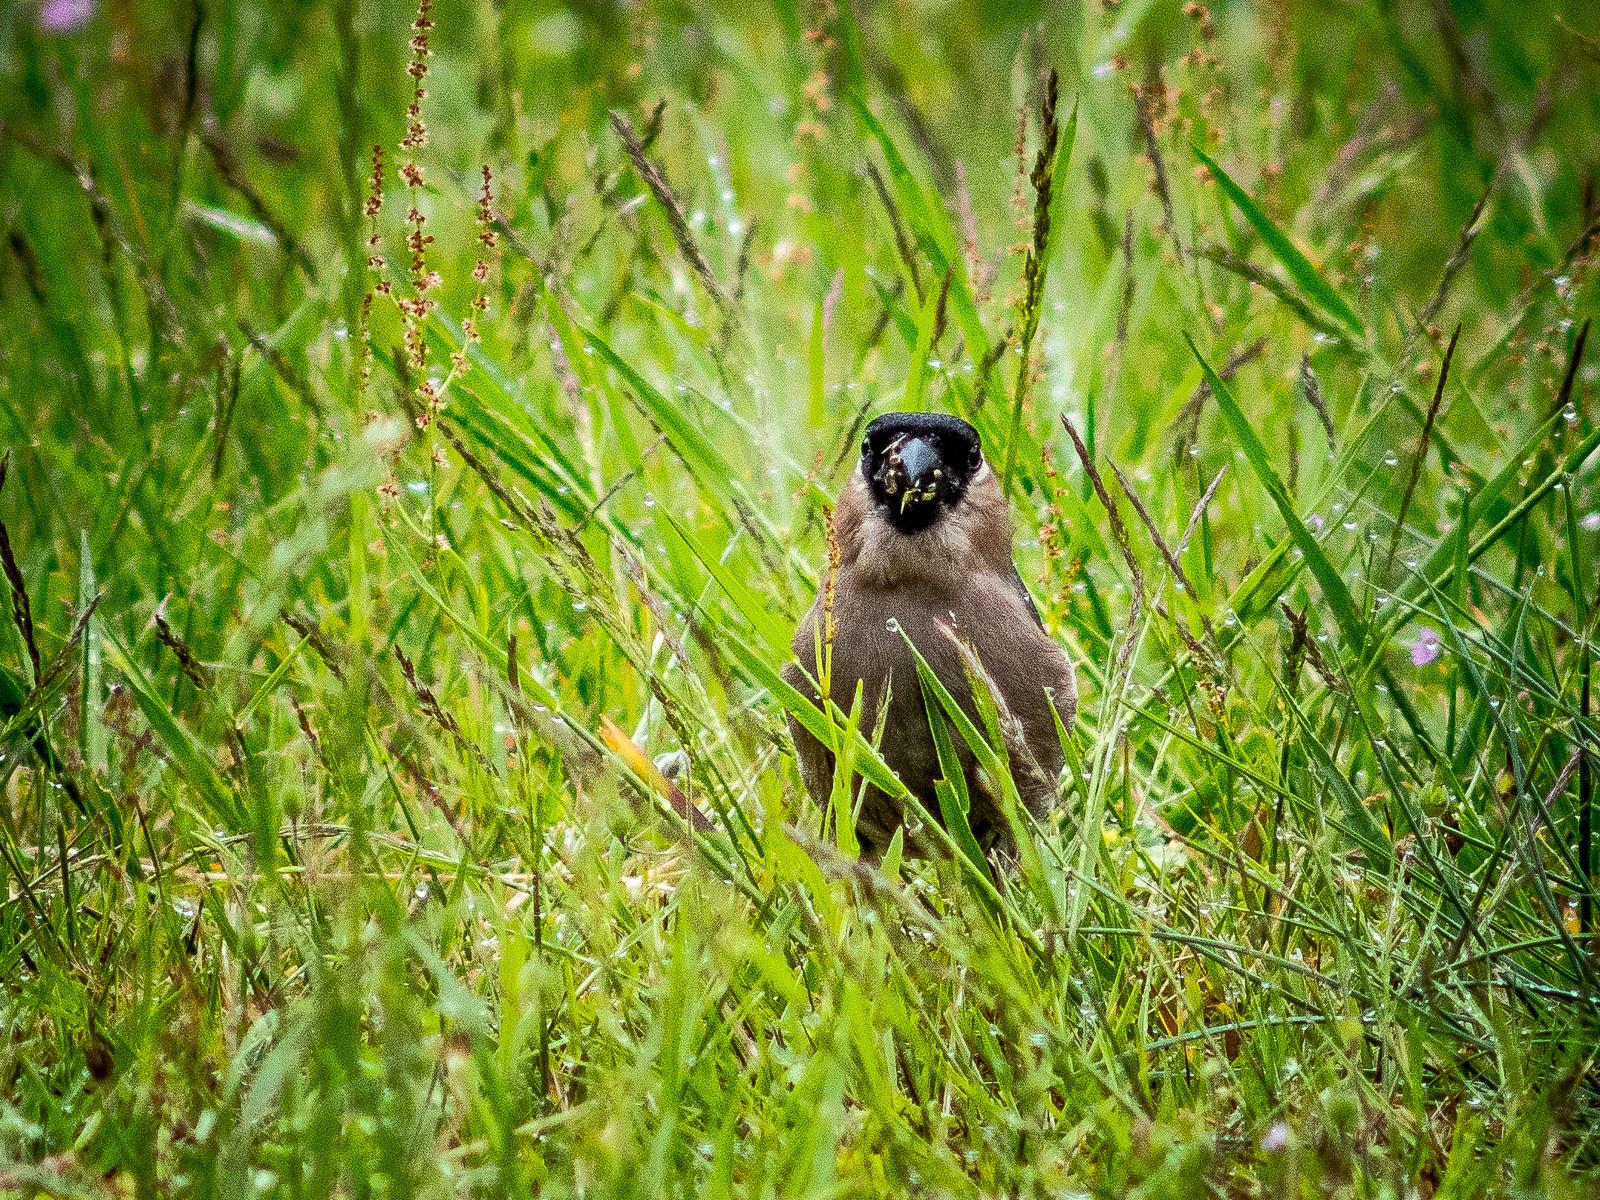 Gimpelweibchen mit vollem Schnabel, frontal im hohen Gras